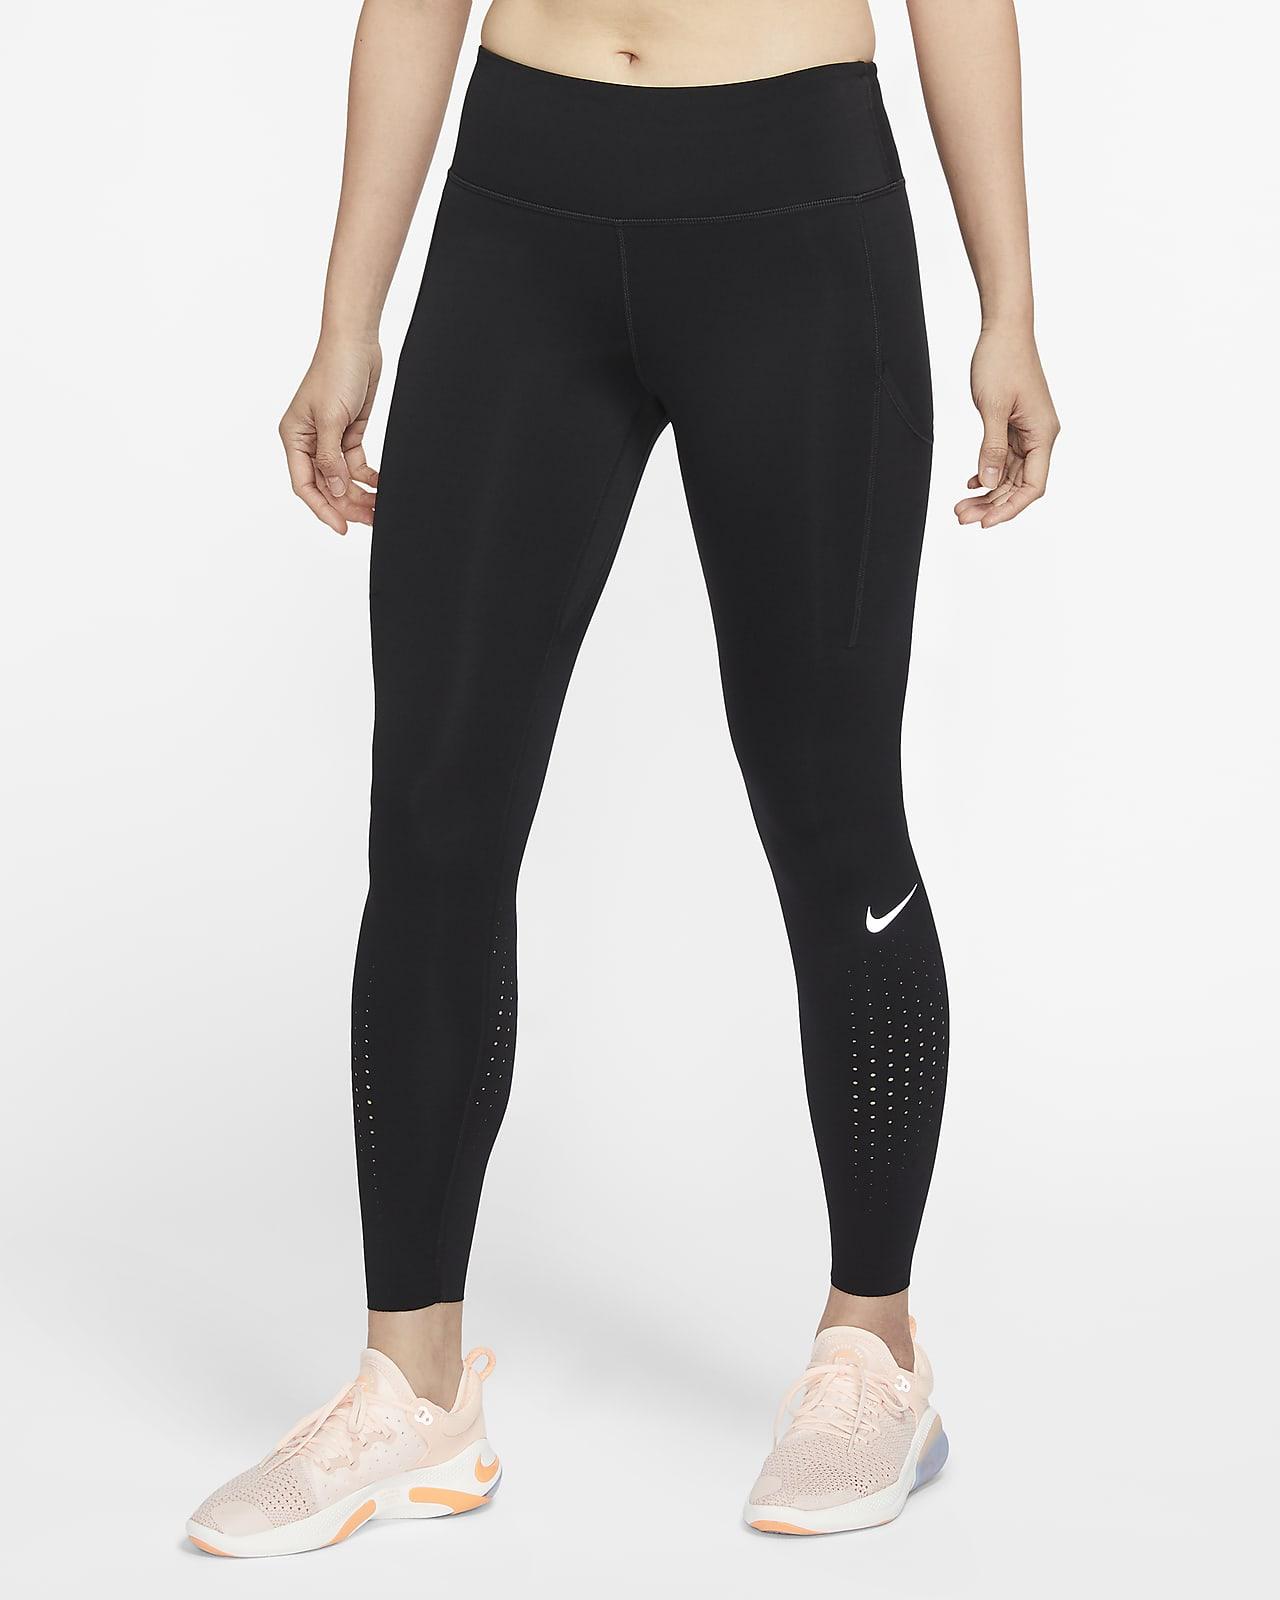 Nike Epic Luxe Women's Mid-Rise Running Leggings